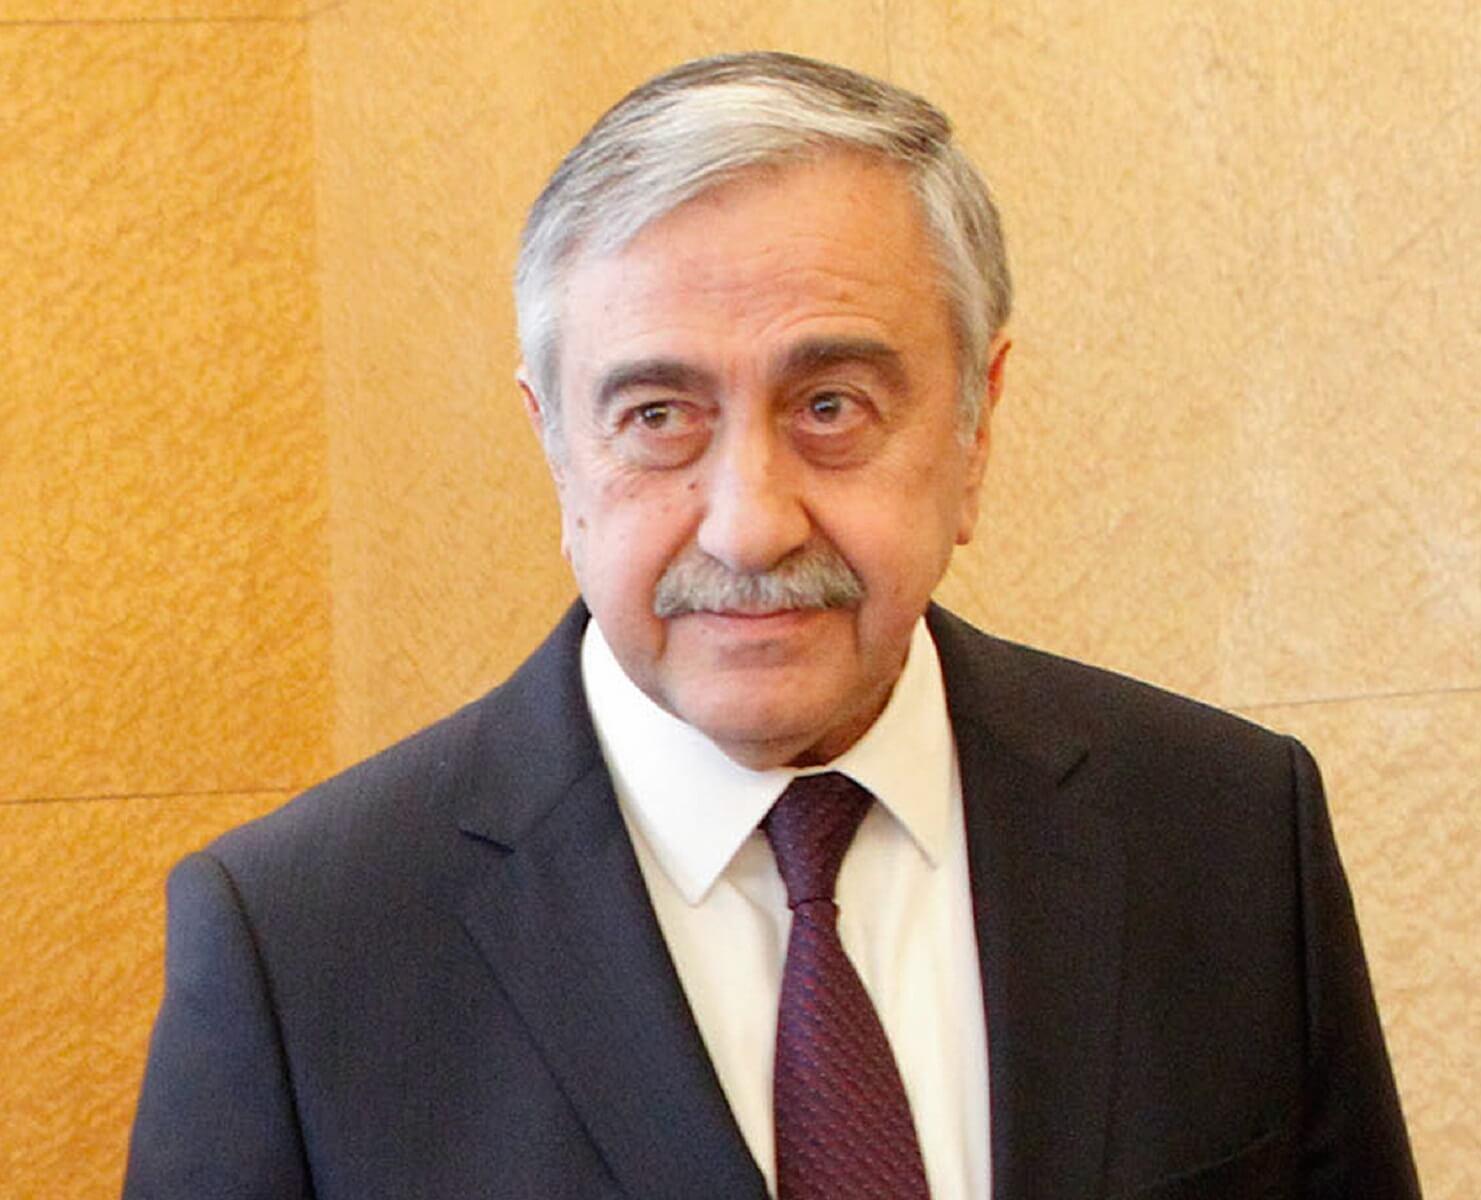 Κύπρος: Εκλογές στα κατεχόμενα – Απειλές σε Ακιντζί να αποσυρθεί